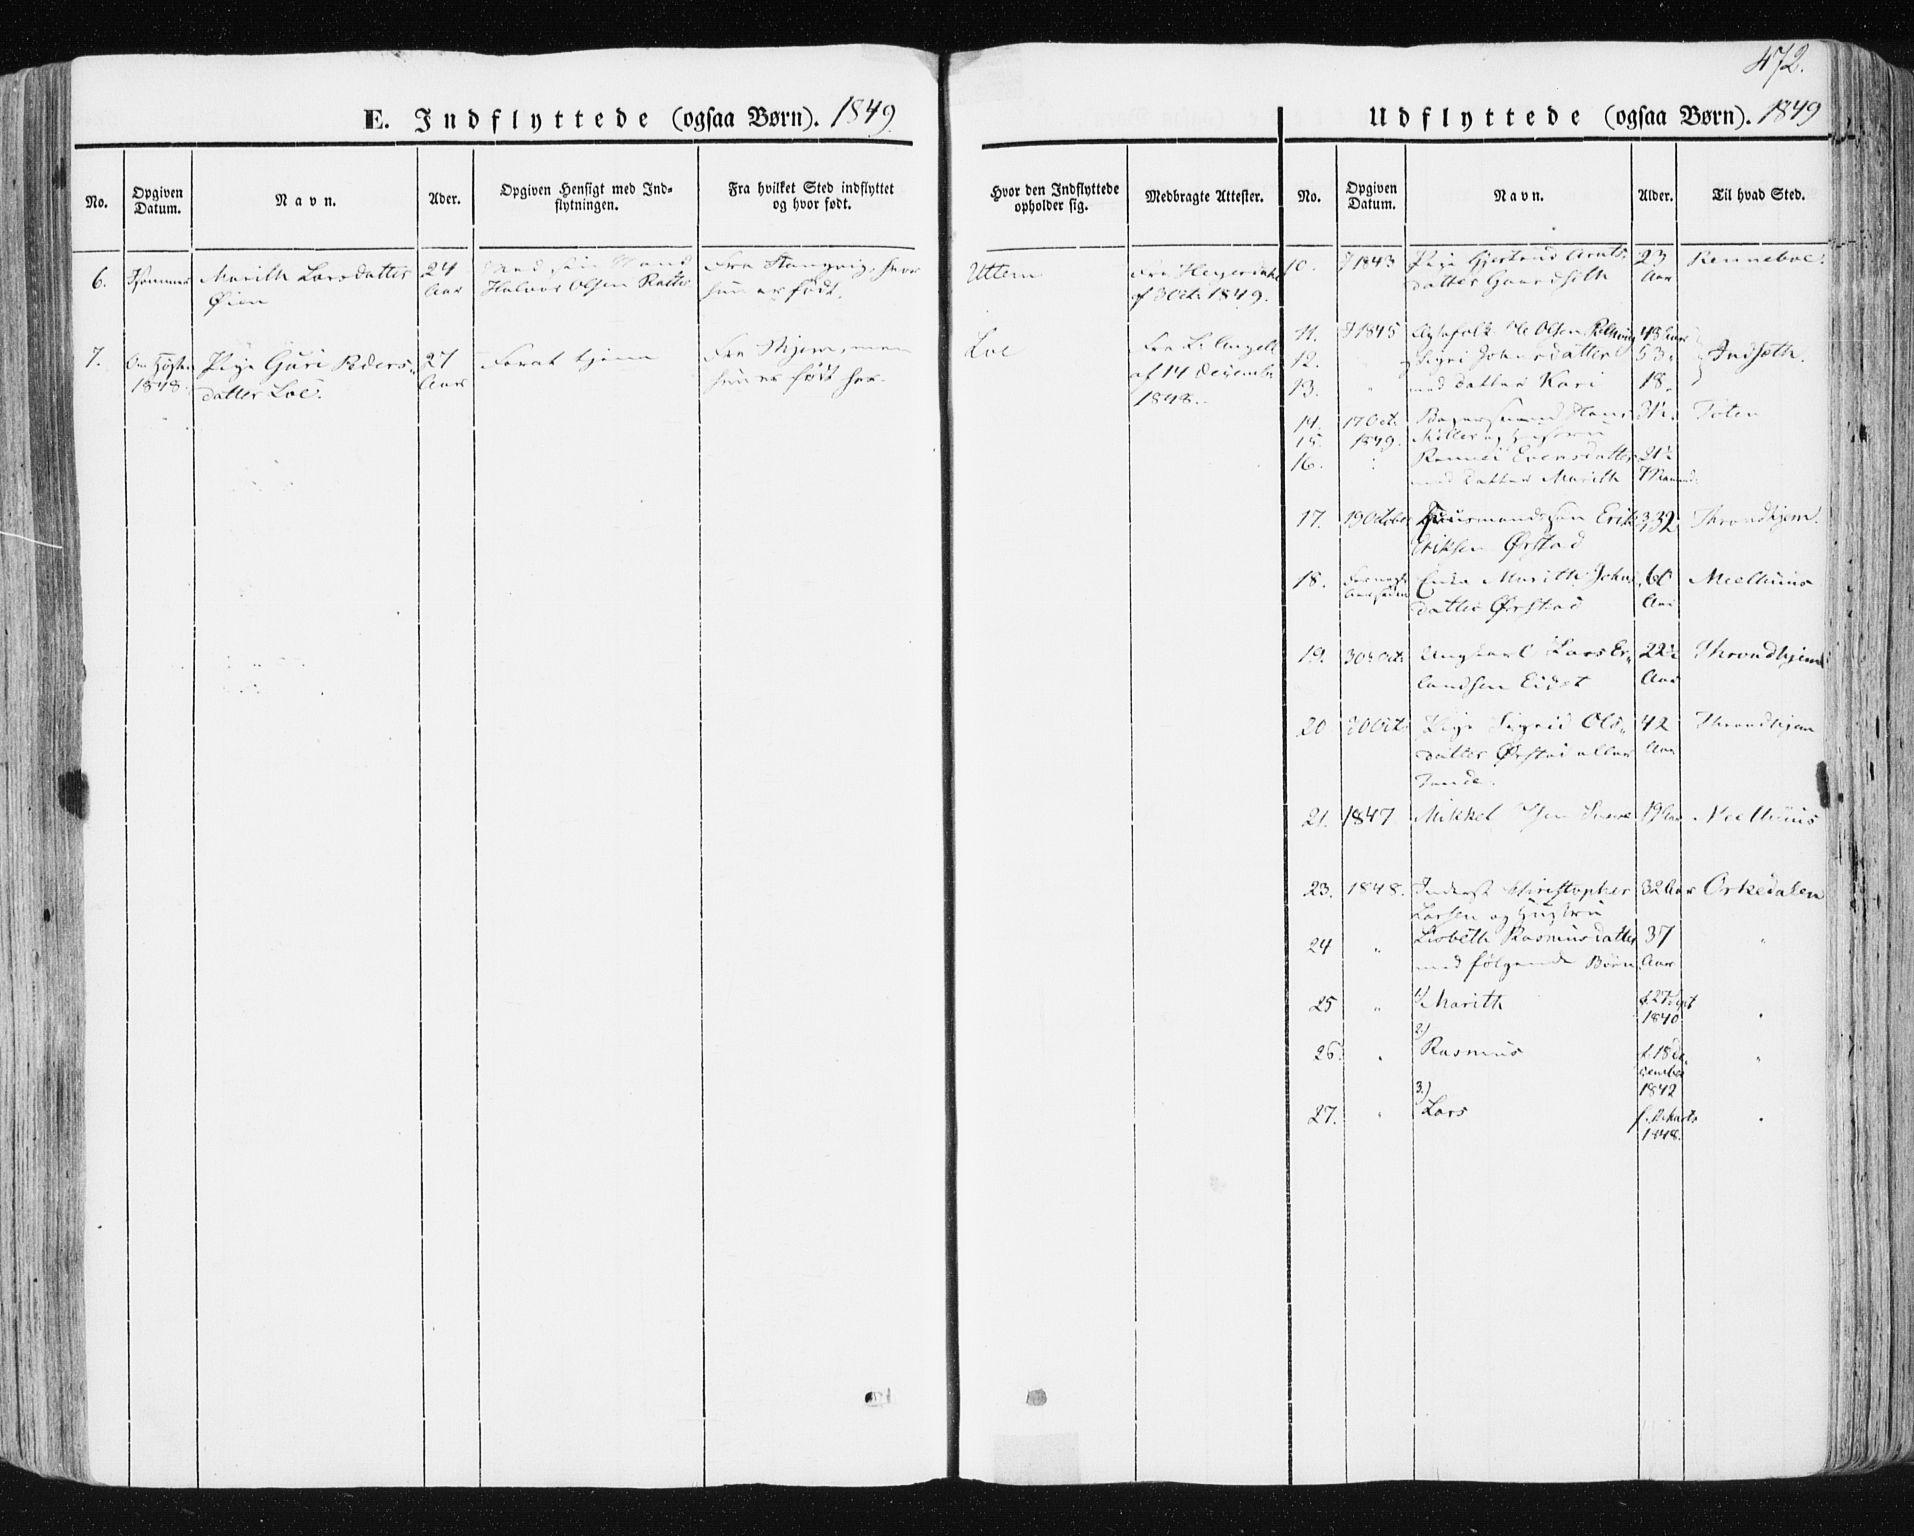 SAT, Ministerialprotokoller, klokkerbøker og fødselsregistre - Sør-Trøndelag, 678/L0899: Ministerialbok nr. 678A08, 1848-1872, s. 472